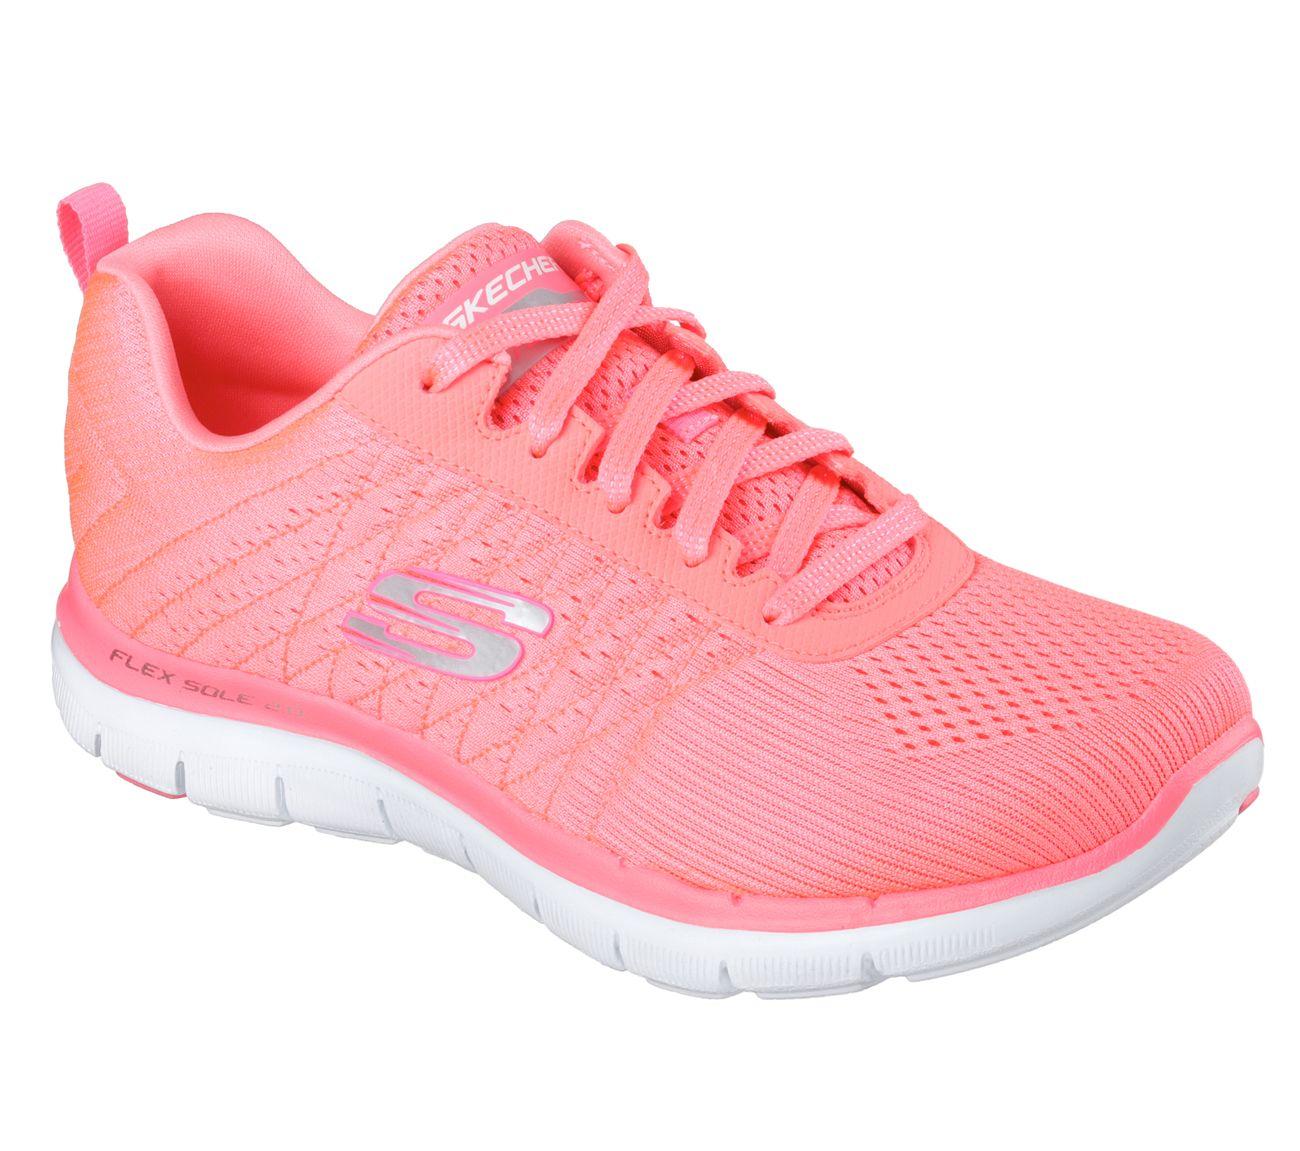 c93d3418814 Buy SKECHERS Flex Appeal 2.0 - Break FreeSKECHERS Sport Shoes only £59.00